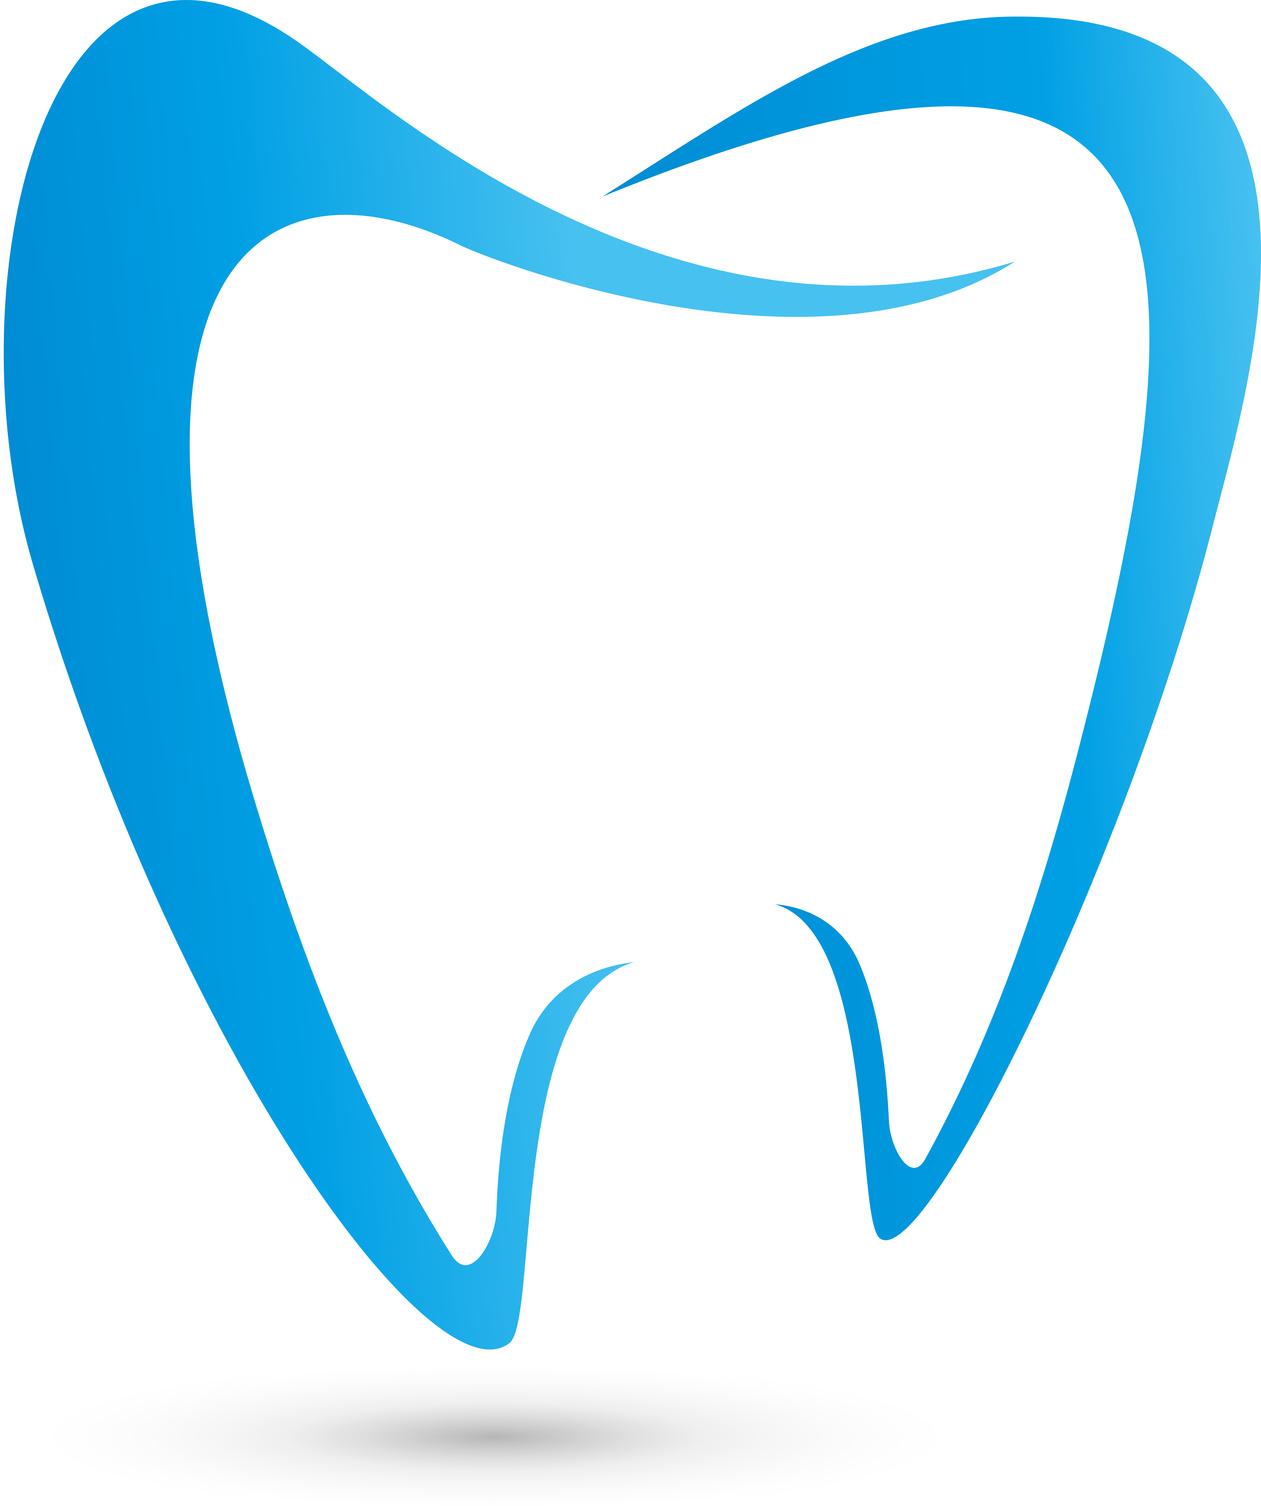 Braces clipart tooth brace. Uk adult a patient